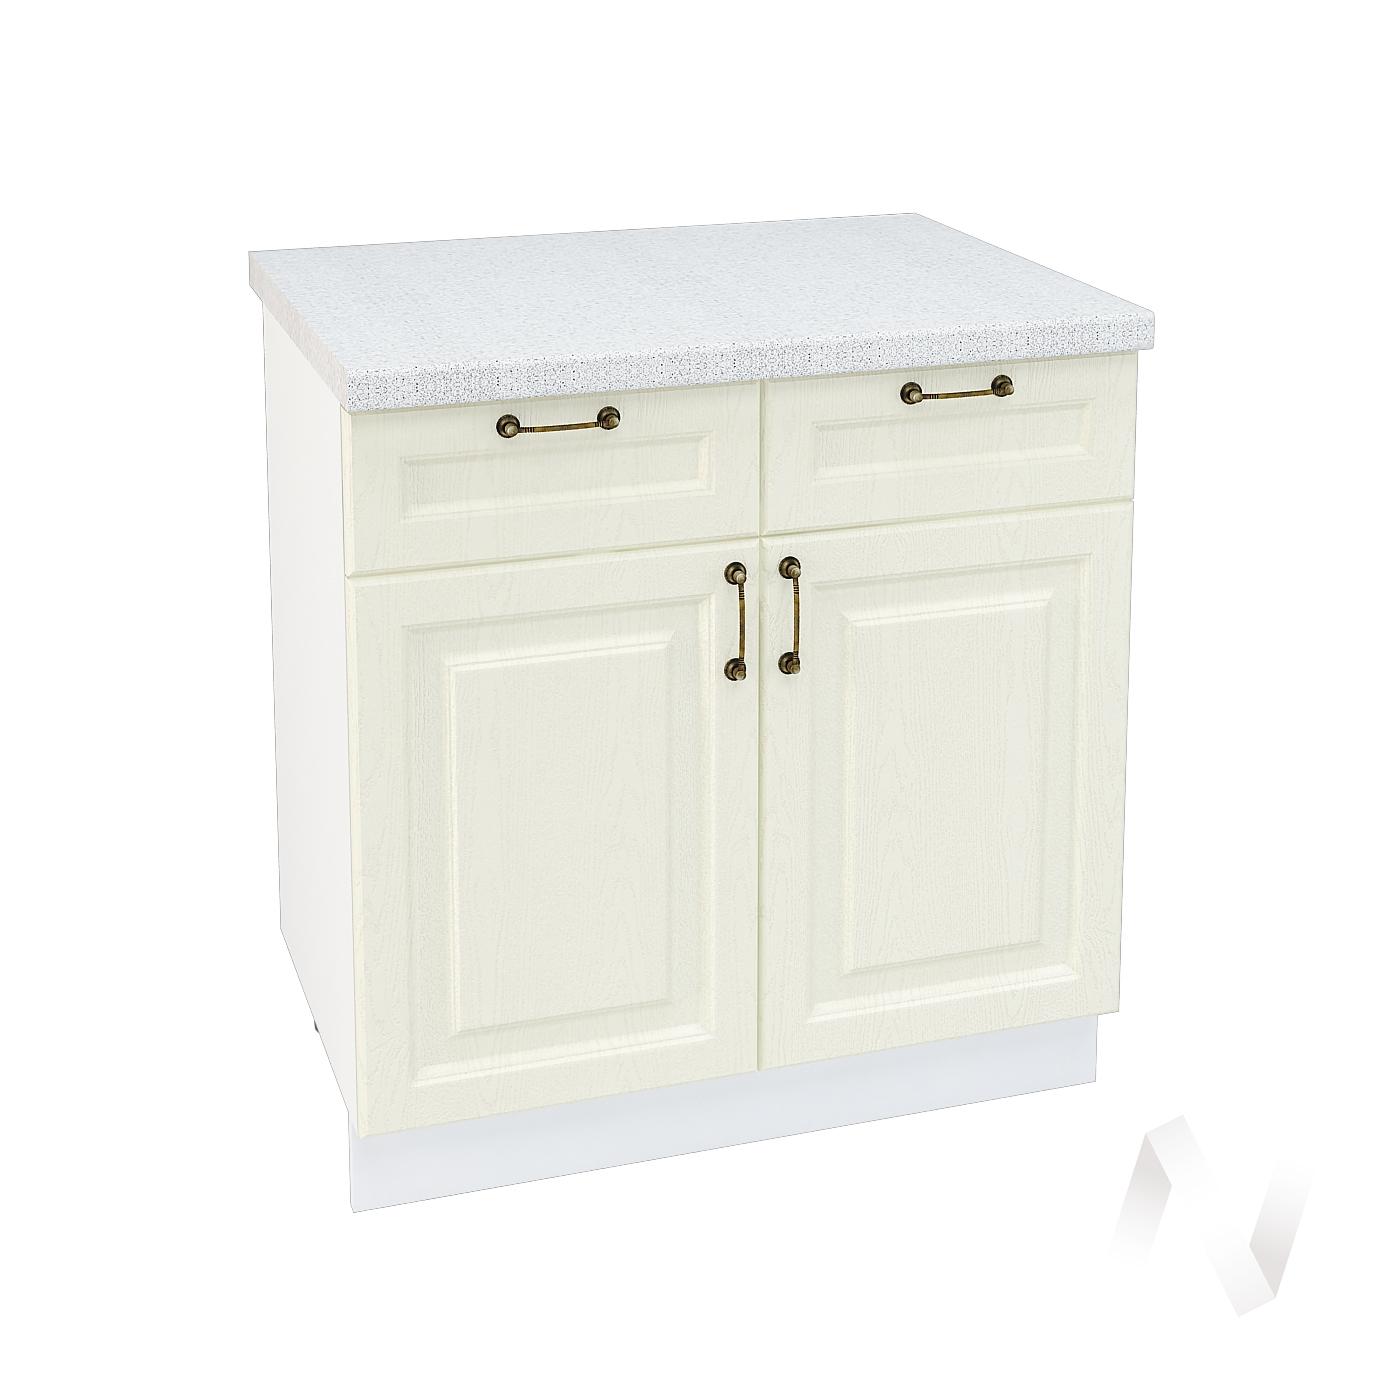 """Кухня """"Ницца"""": Шкаф нижний с ящиками 800, ШН1Я 800 (Крем/корпус белый)"""